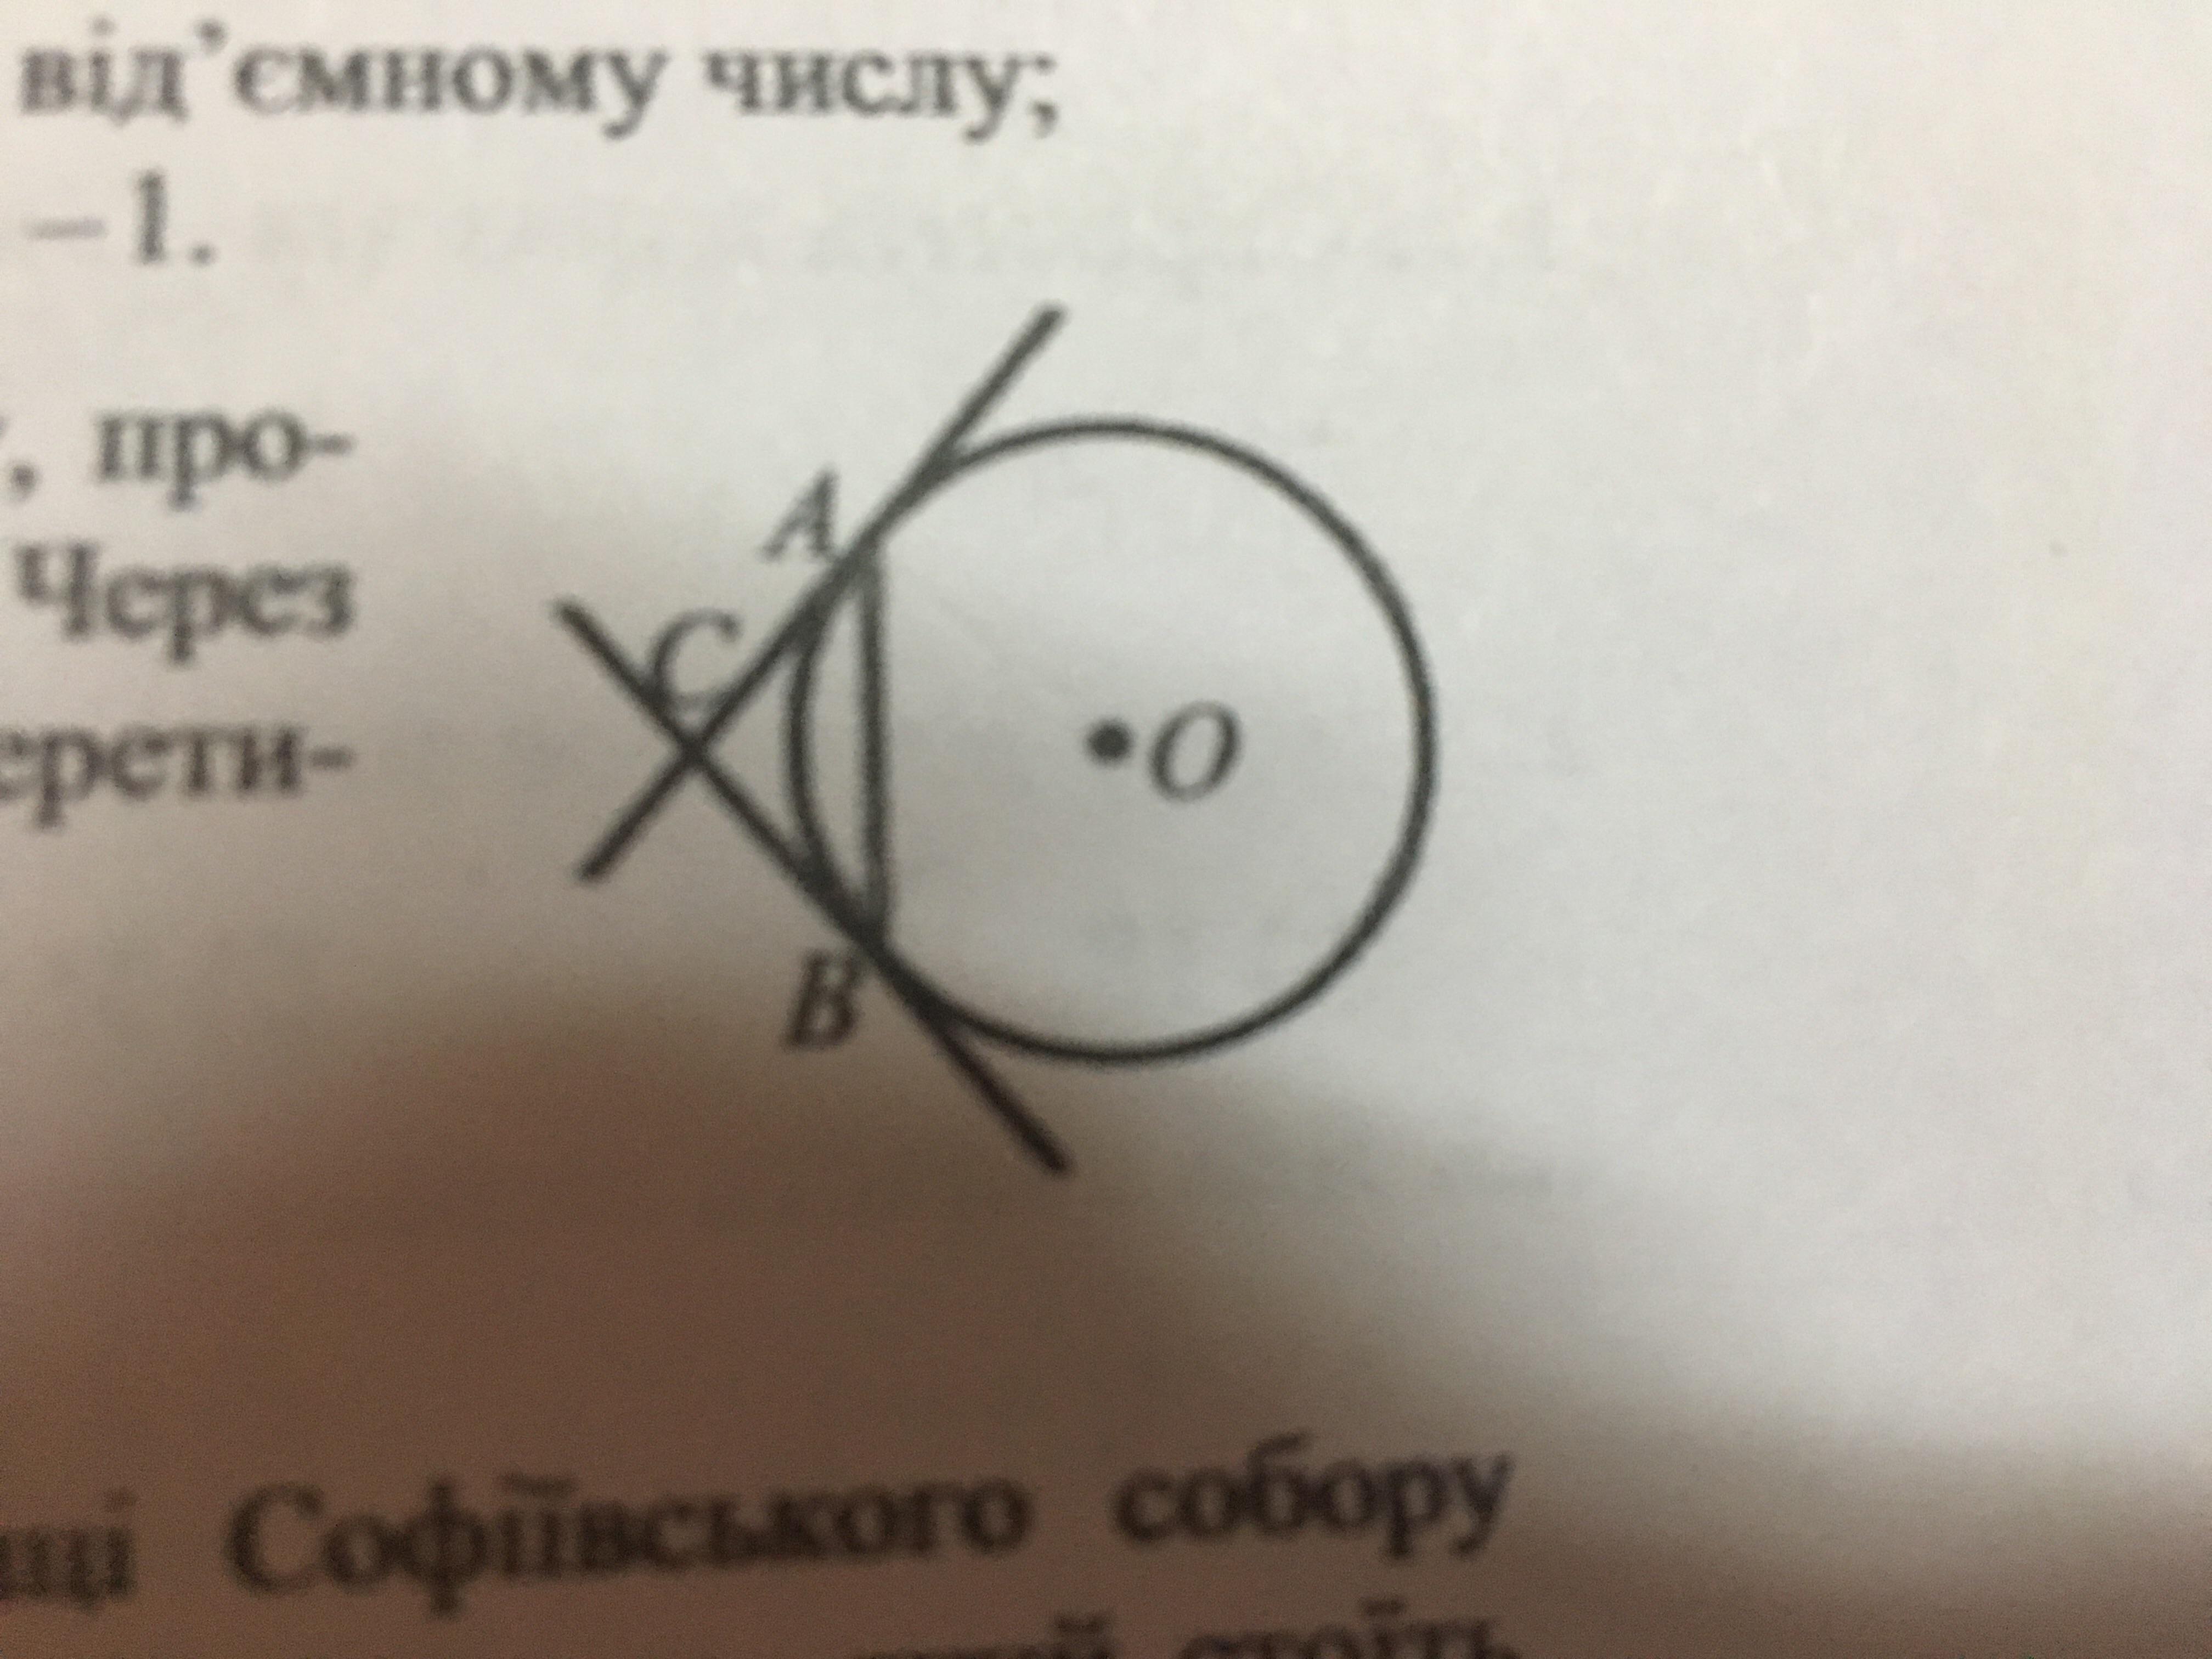 У колі з центром О,зображеному на малюнку,